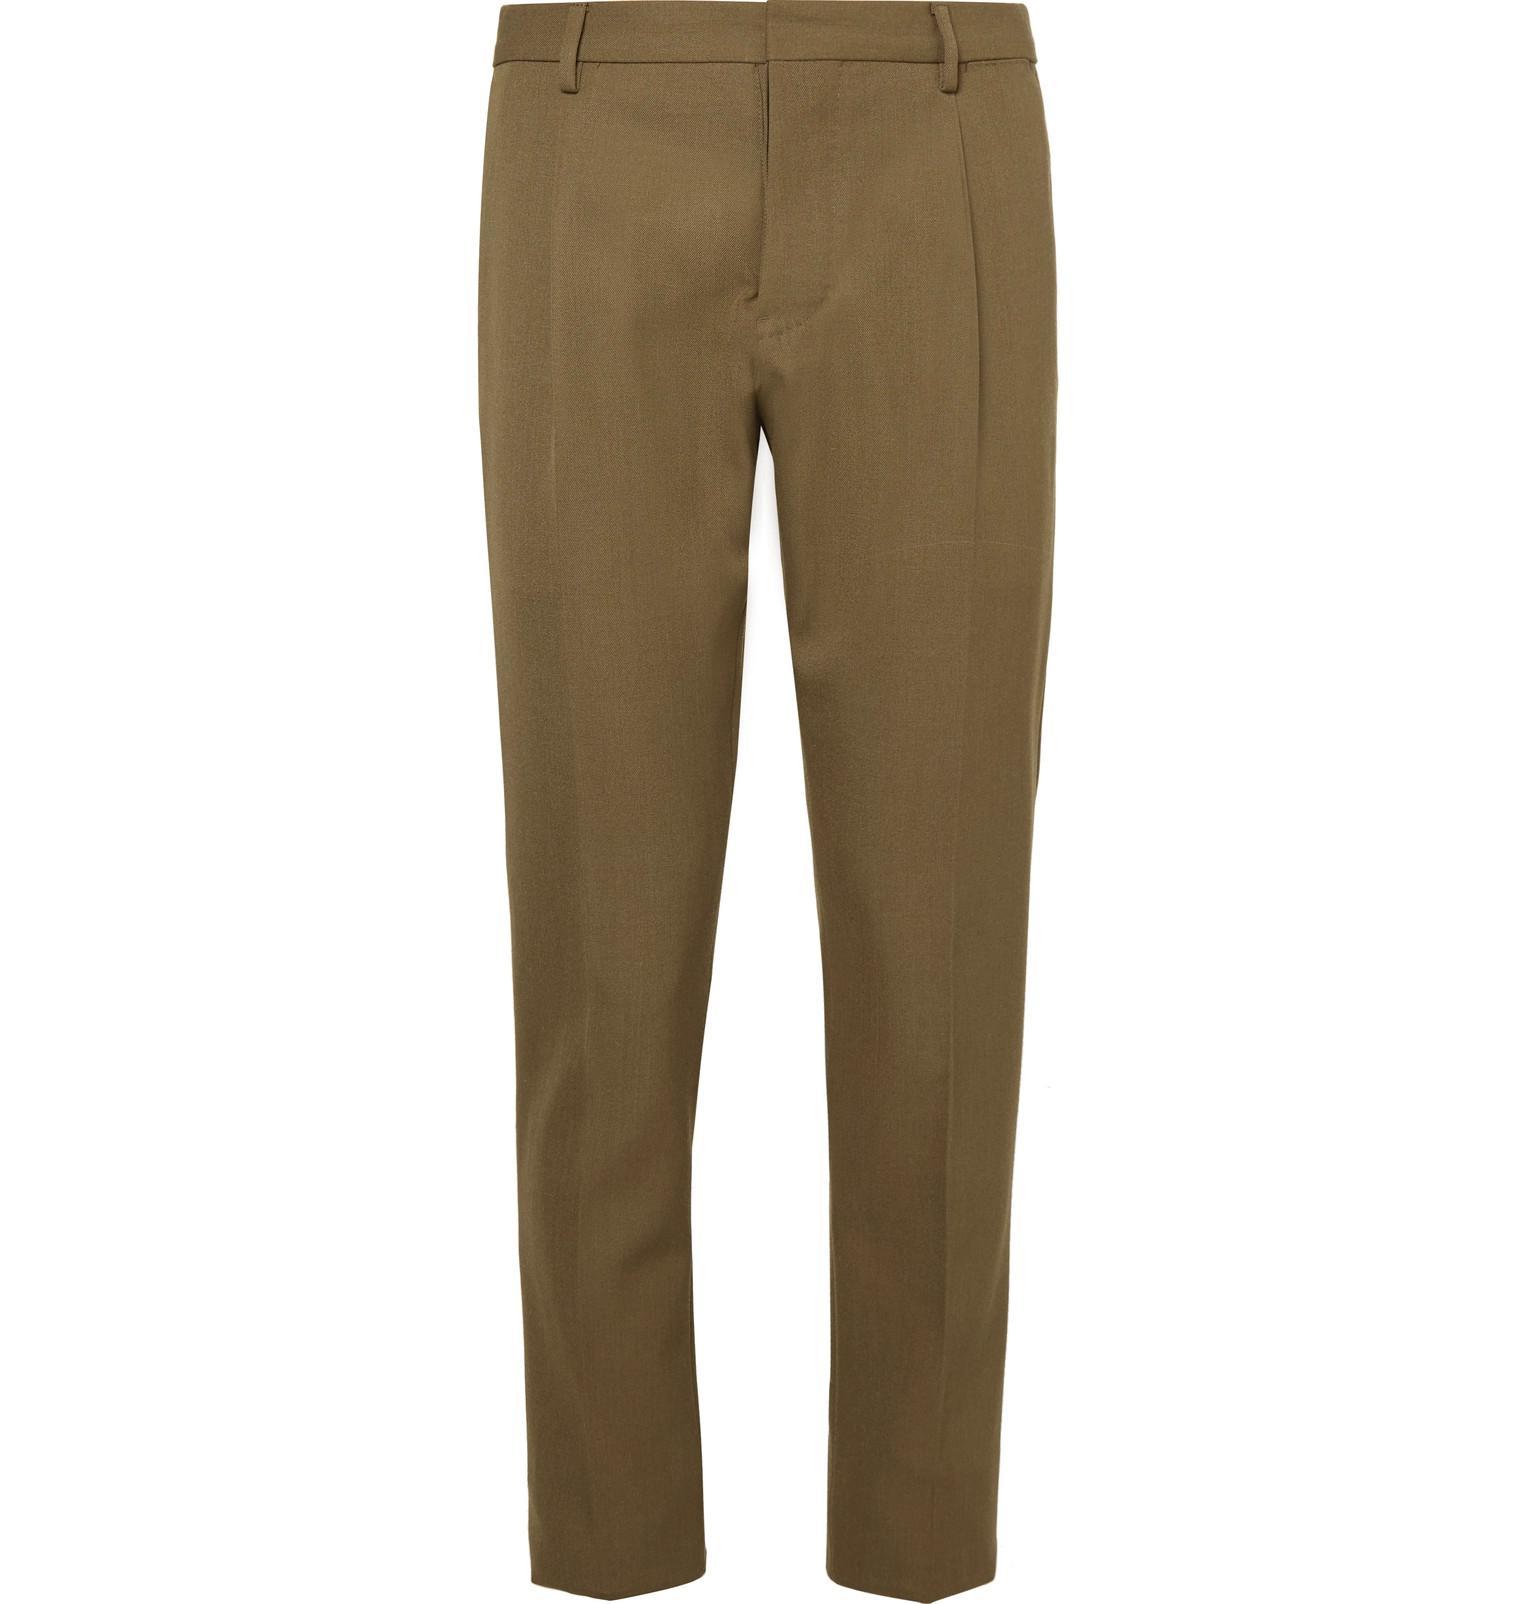 Plum Slim-fit Stretch-cotton Velvet Suit Trousers Berluti Sale Discounts Authentic For Sale Very Cheap Sale Online Buy Cheap Geniue Stockist Best Store To Get Online vLkSQV6E1i